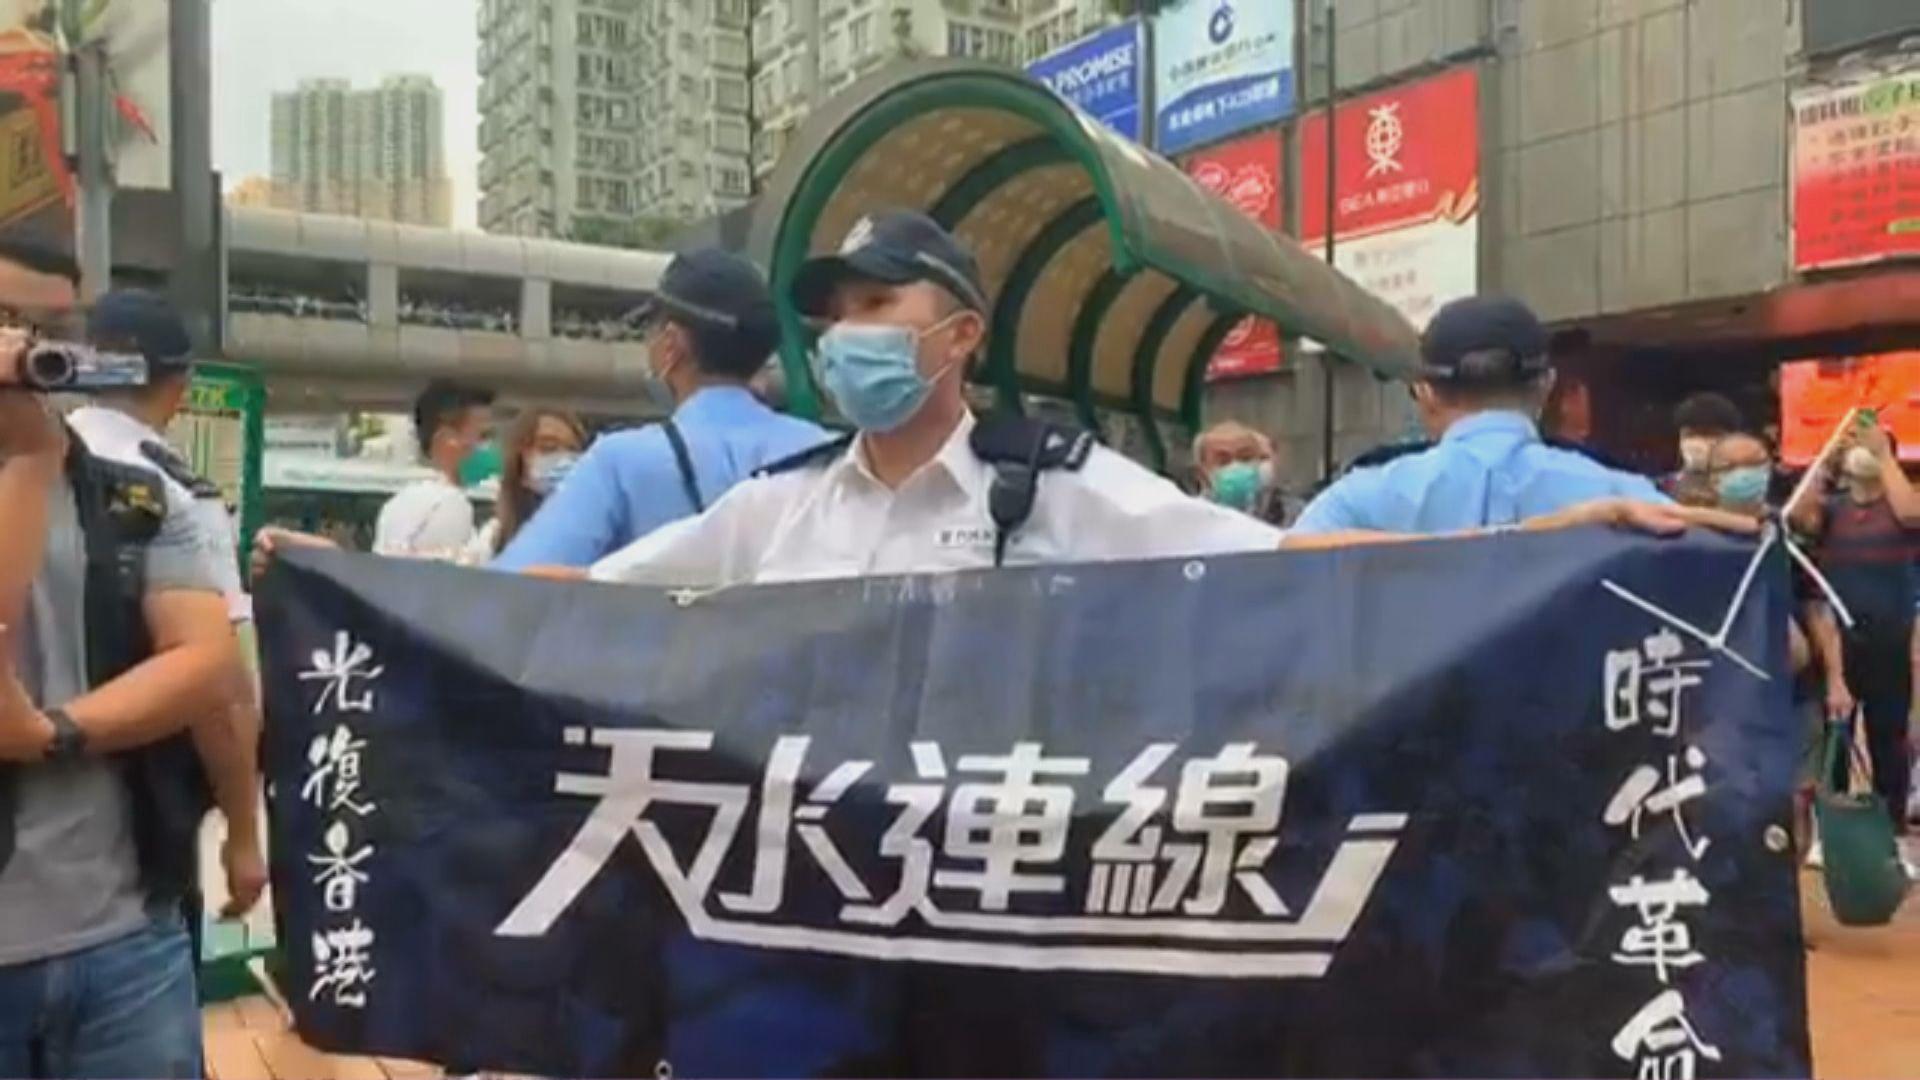 有街站掛「光復香港 」橫額 被指涉違反國安法